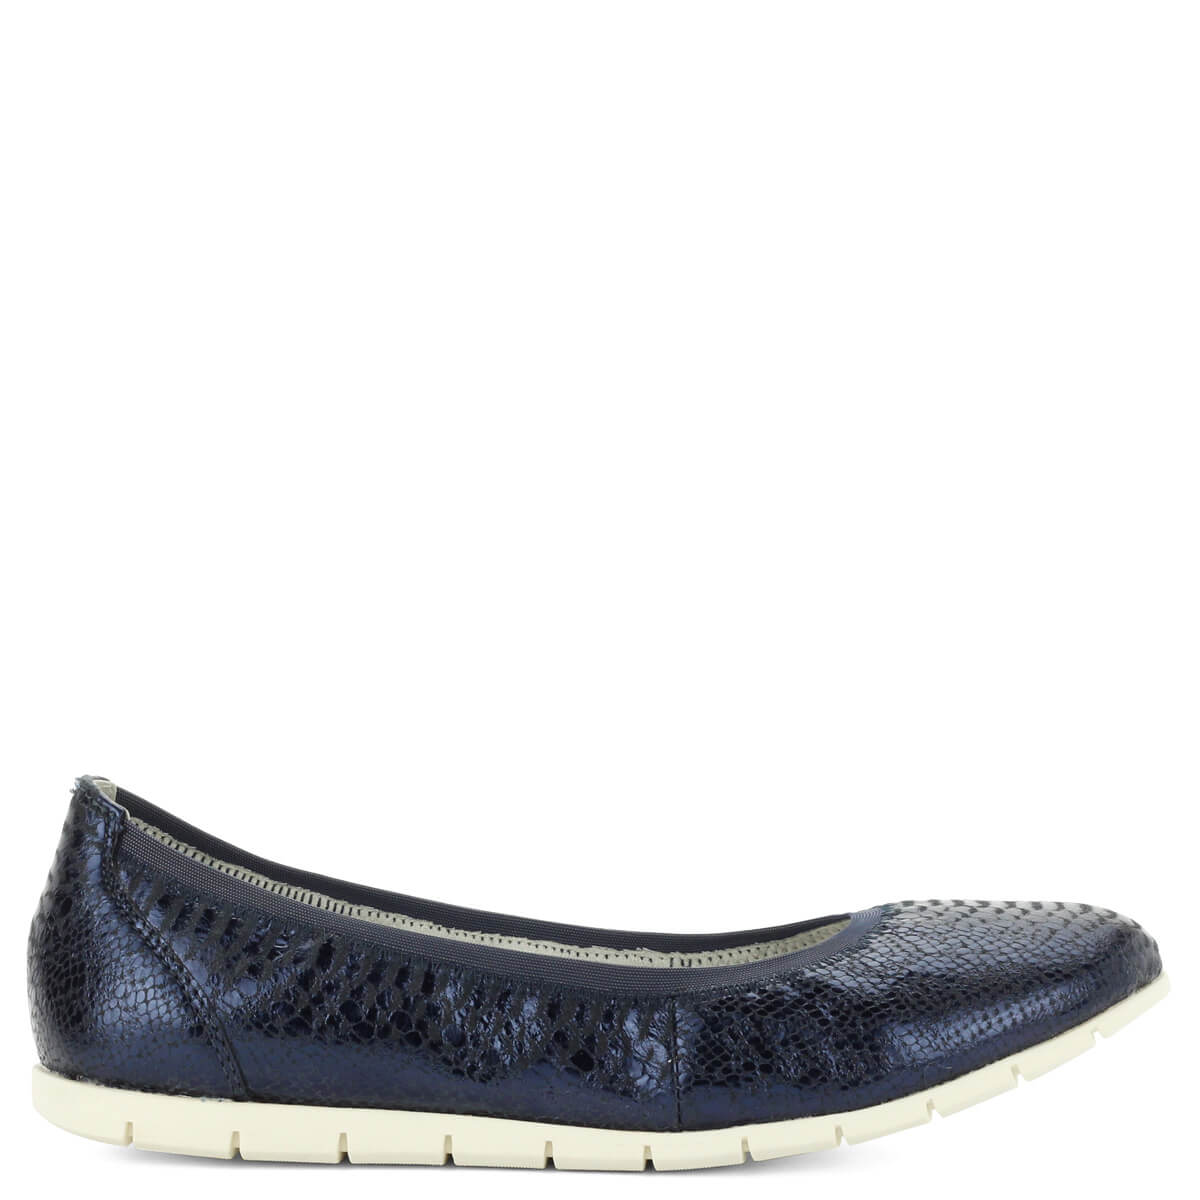 4536bb0afa Tamaris balerina cipő sötétkék színben, textúrált bőr felsőrésszel. Könnyű,  kényelmes cipő hajlékony gumi ...